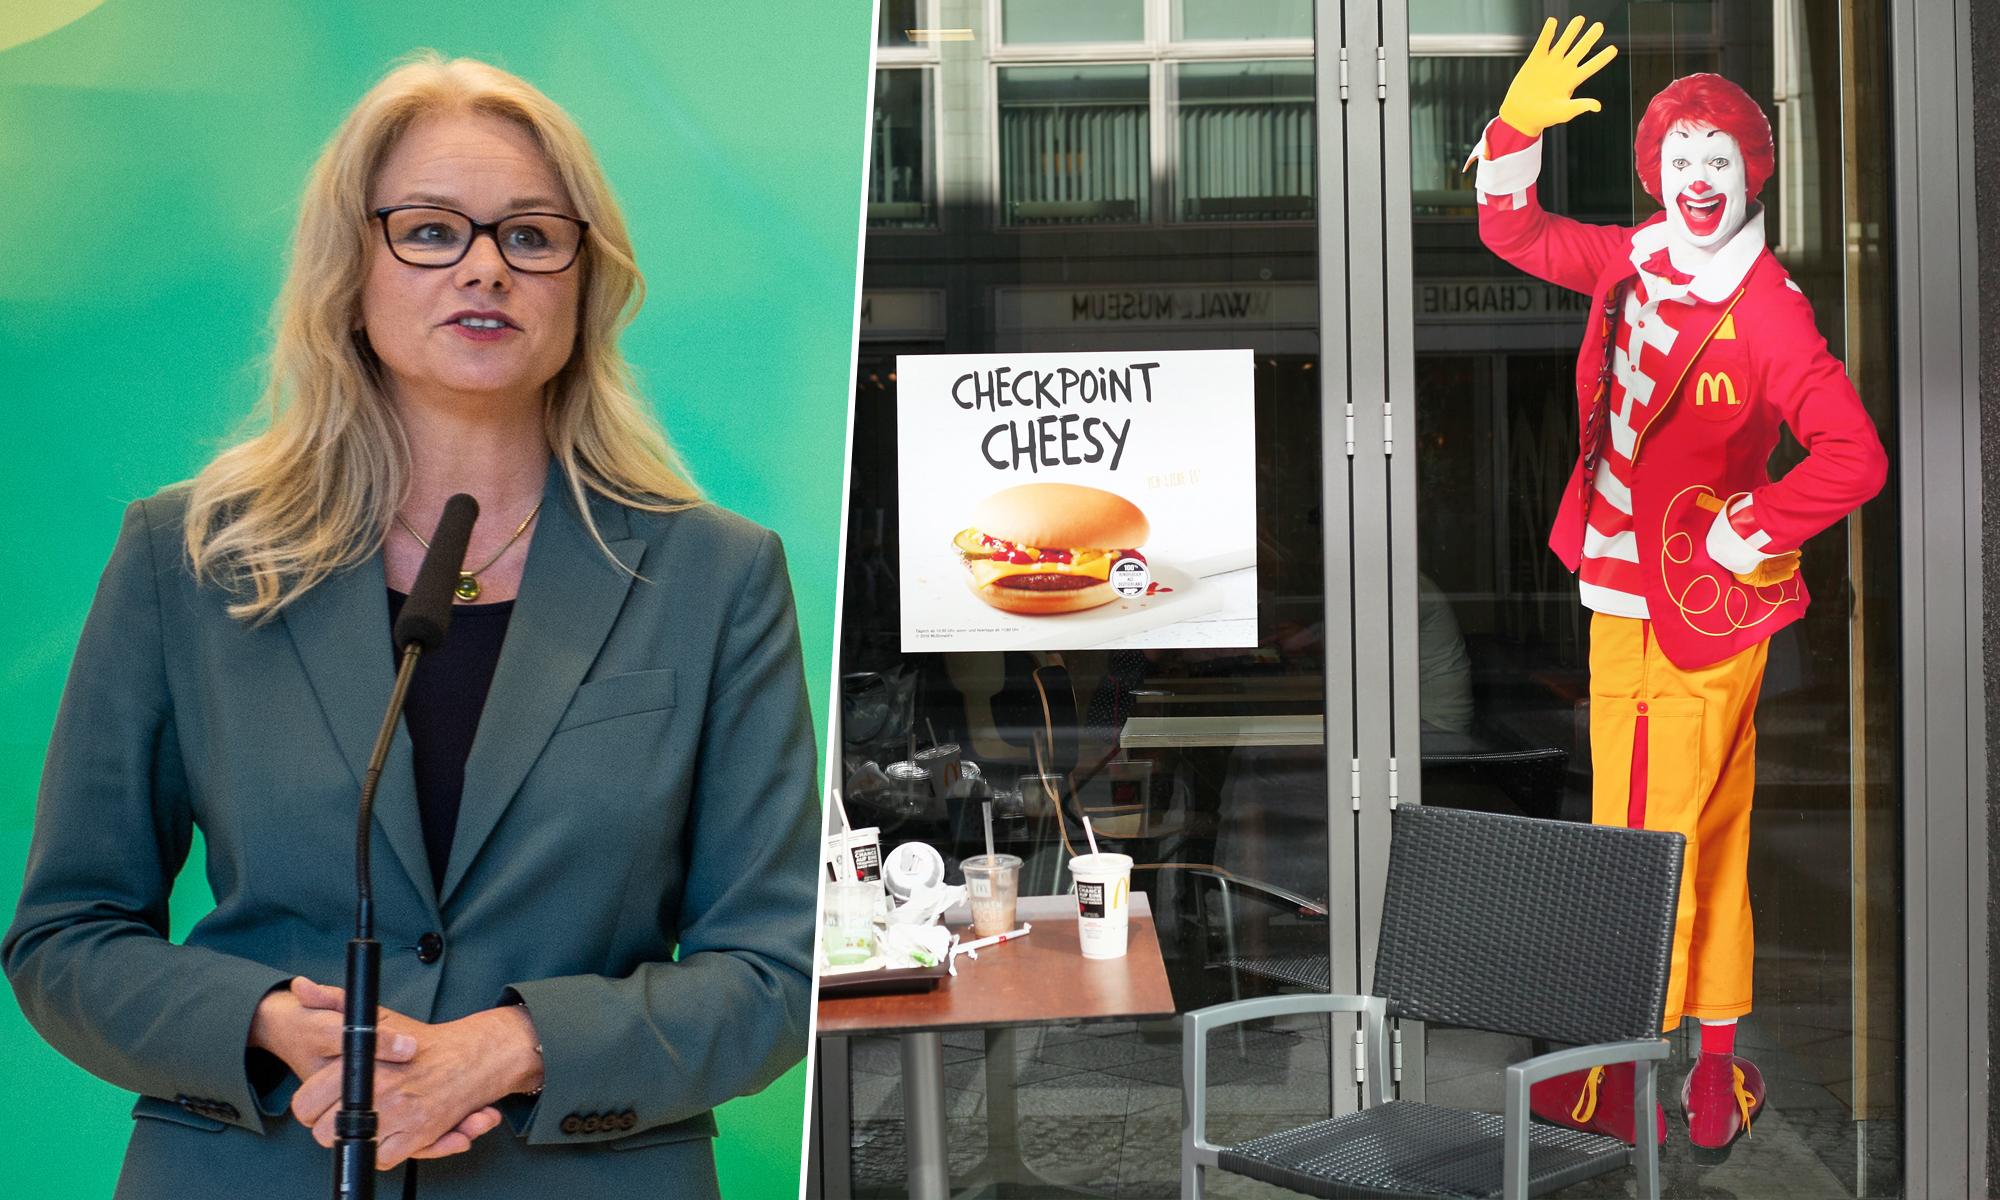 Die Grünen blasen zum Kampf gegen Fast Food-Werbung